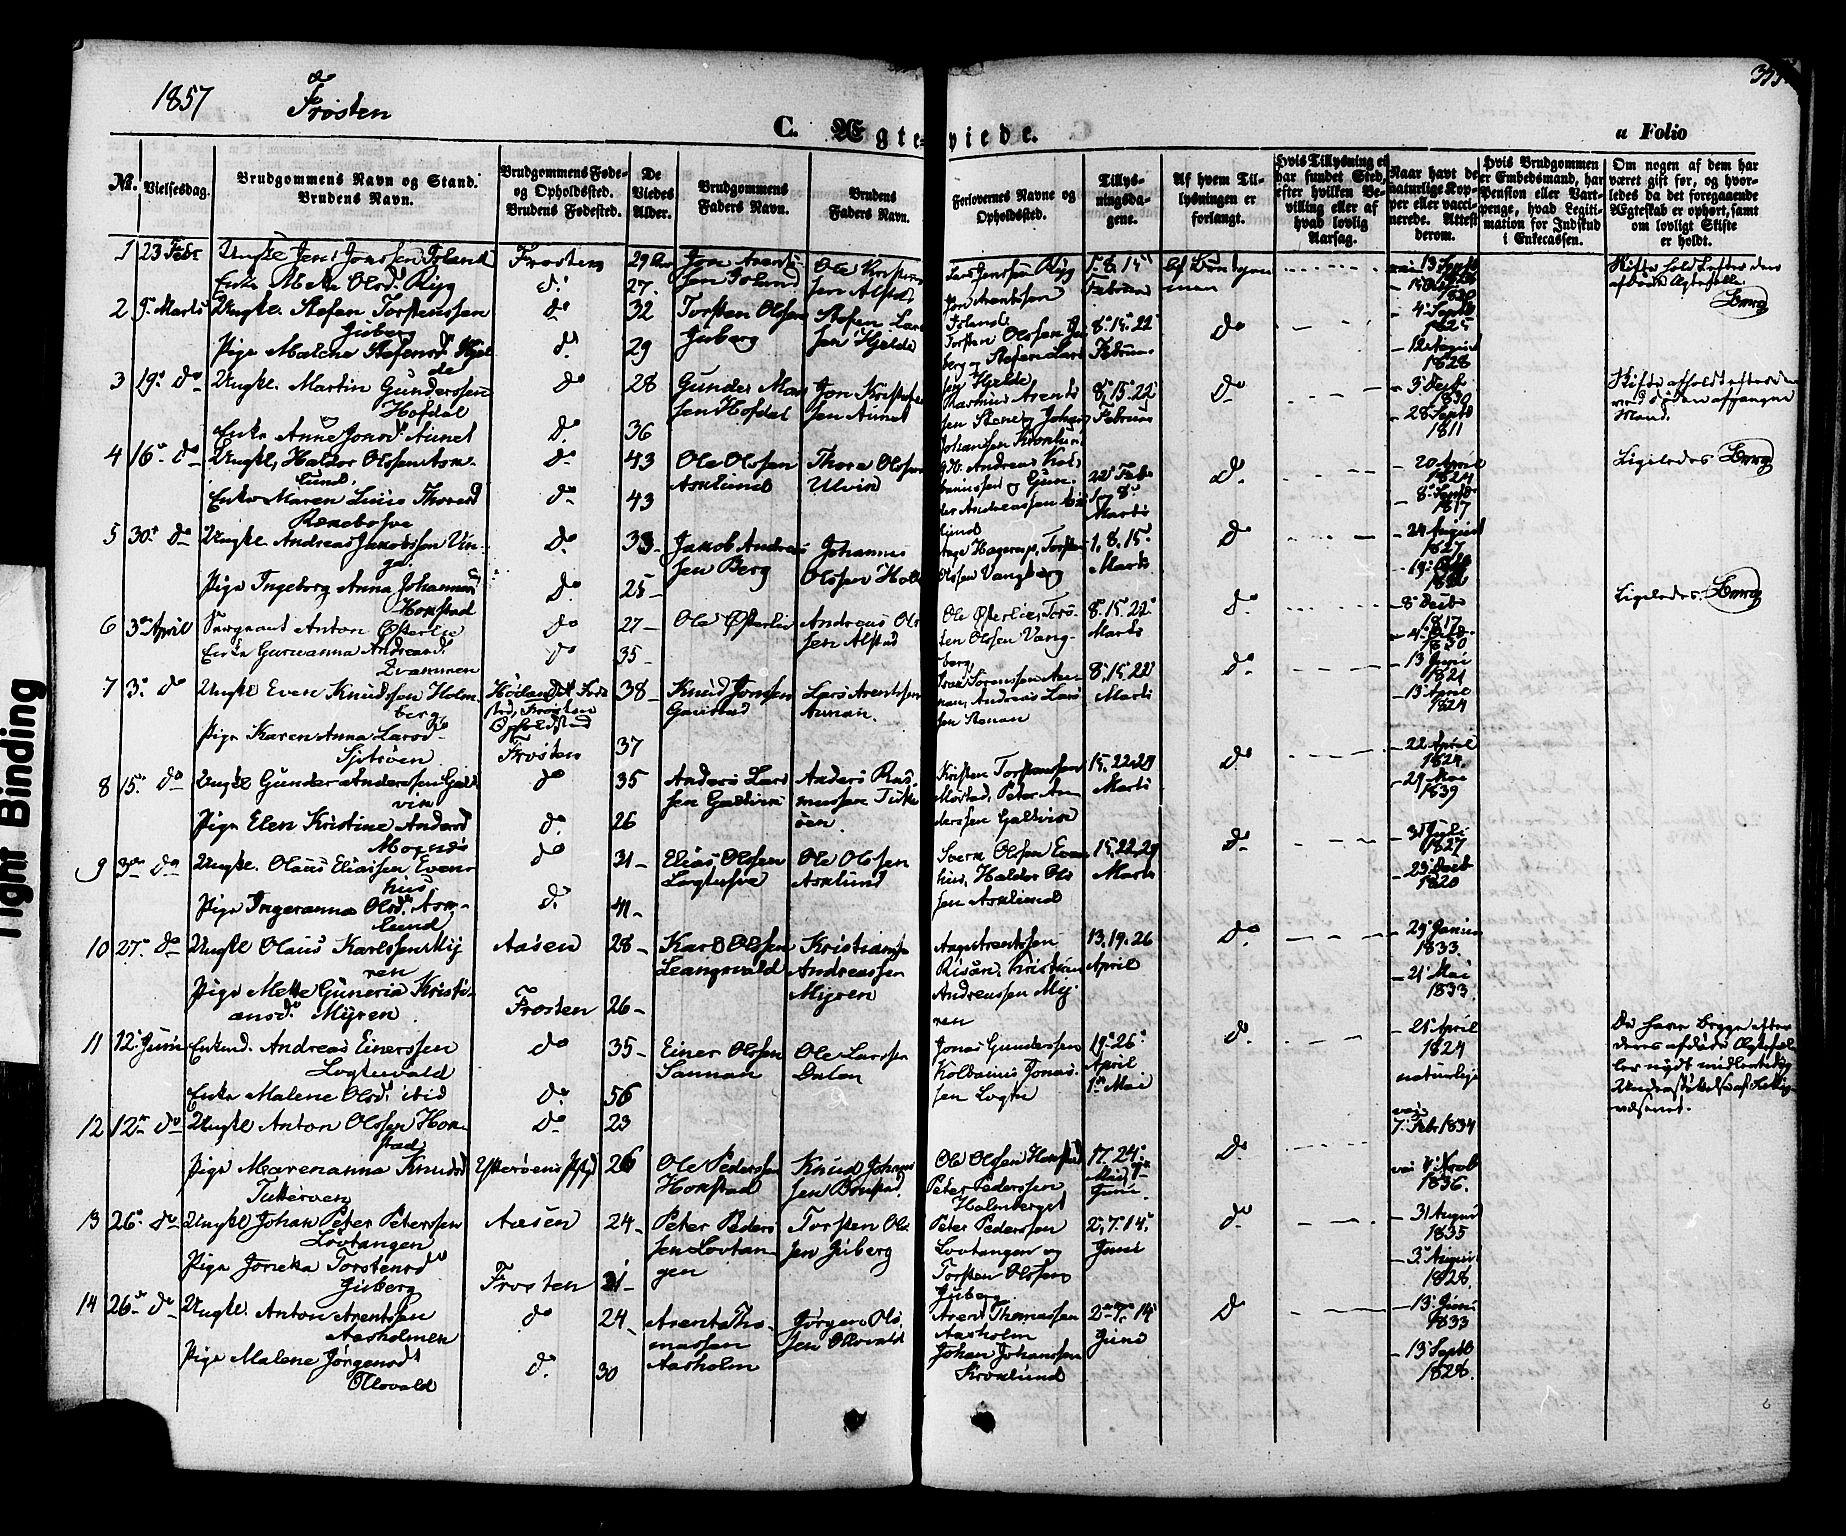 SAT, Ministerialprotokoller, klokkerbøker og fødselsregistre - Nord-Trøndelag, 713/L0116: Ministerialbok nr. 713A07 /1, 1850-1877, s. 355